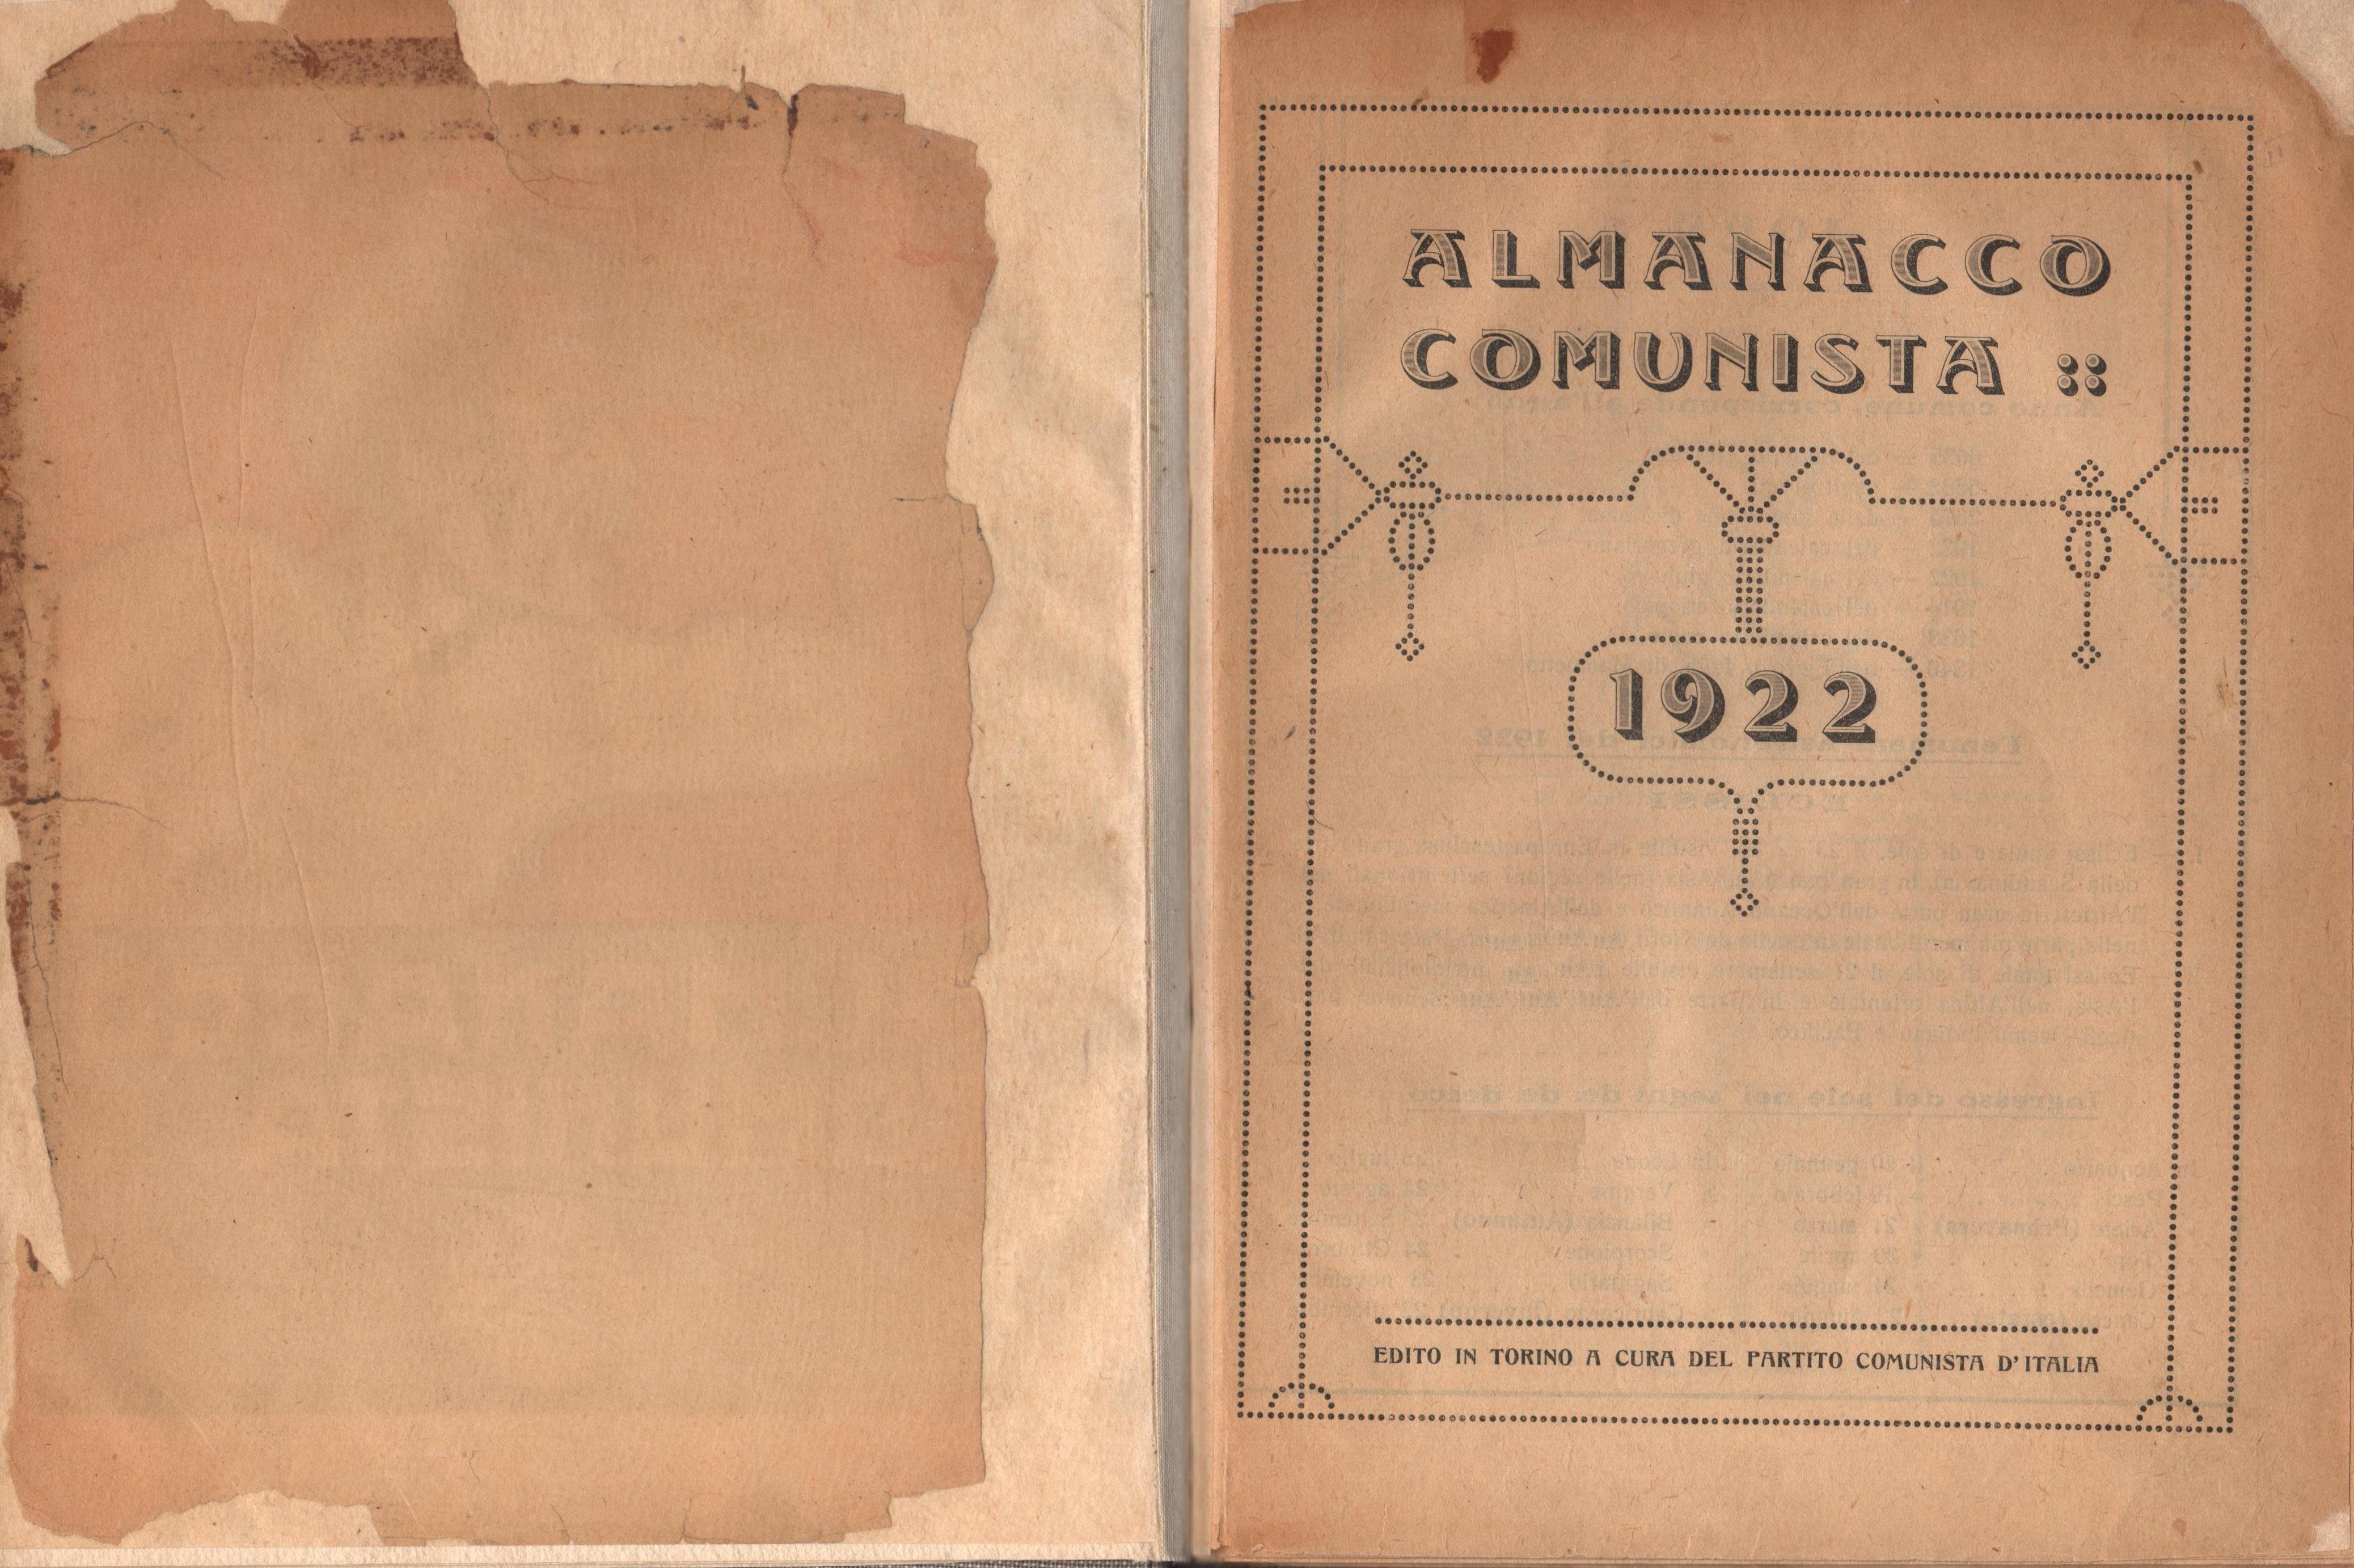 Almanacco comunista 1922 - pag. 2